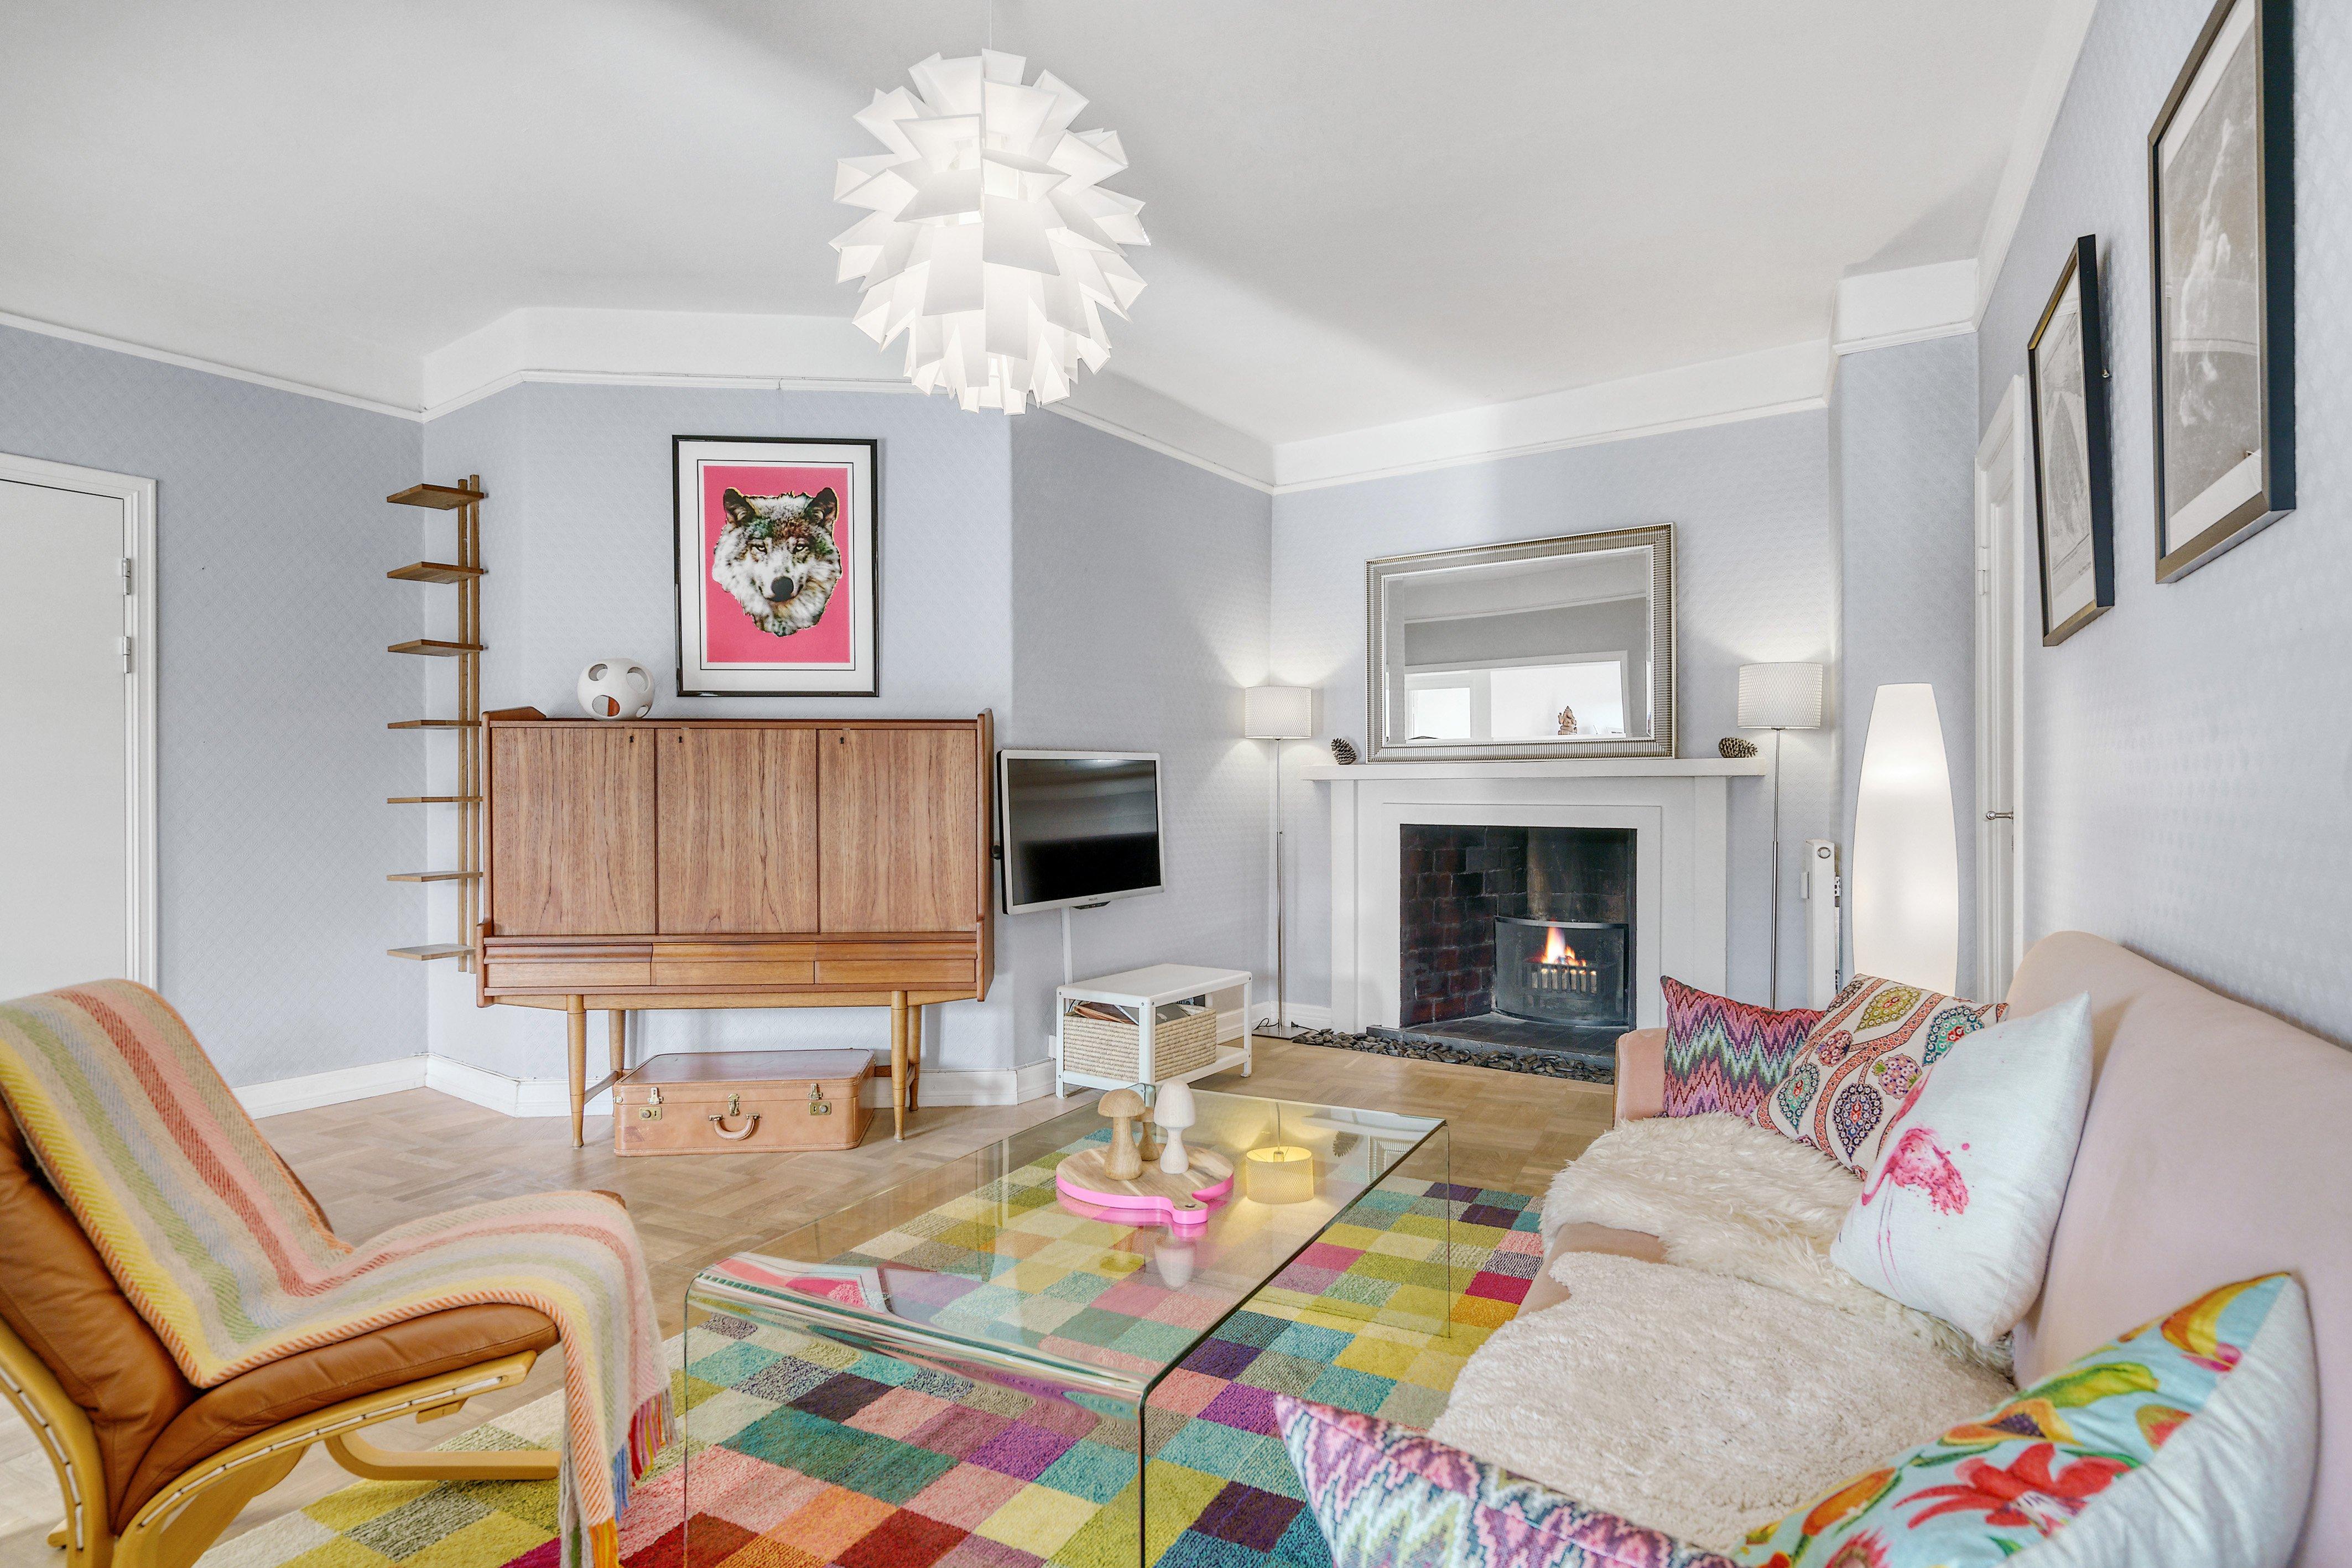 Solgte leiligheten selv - fikk 650 000 kr mer enn meglers verdivurdering